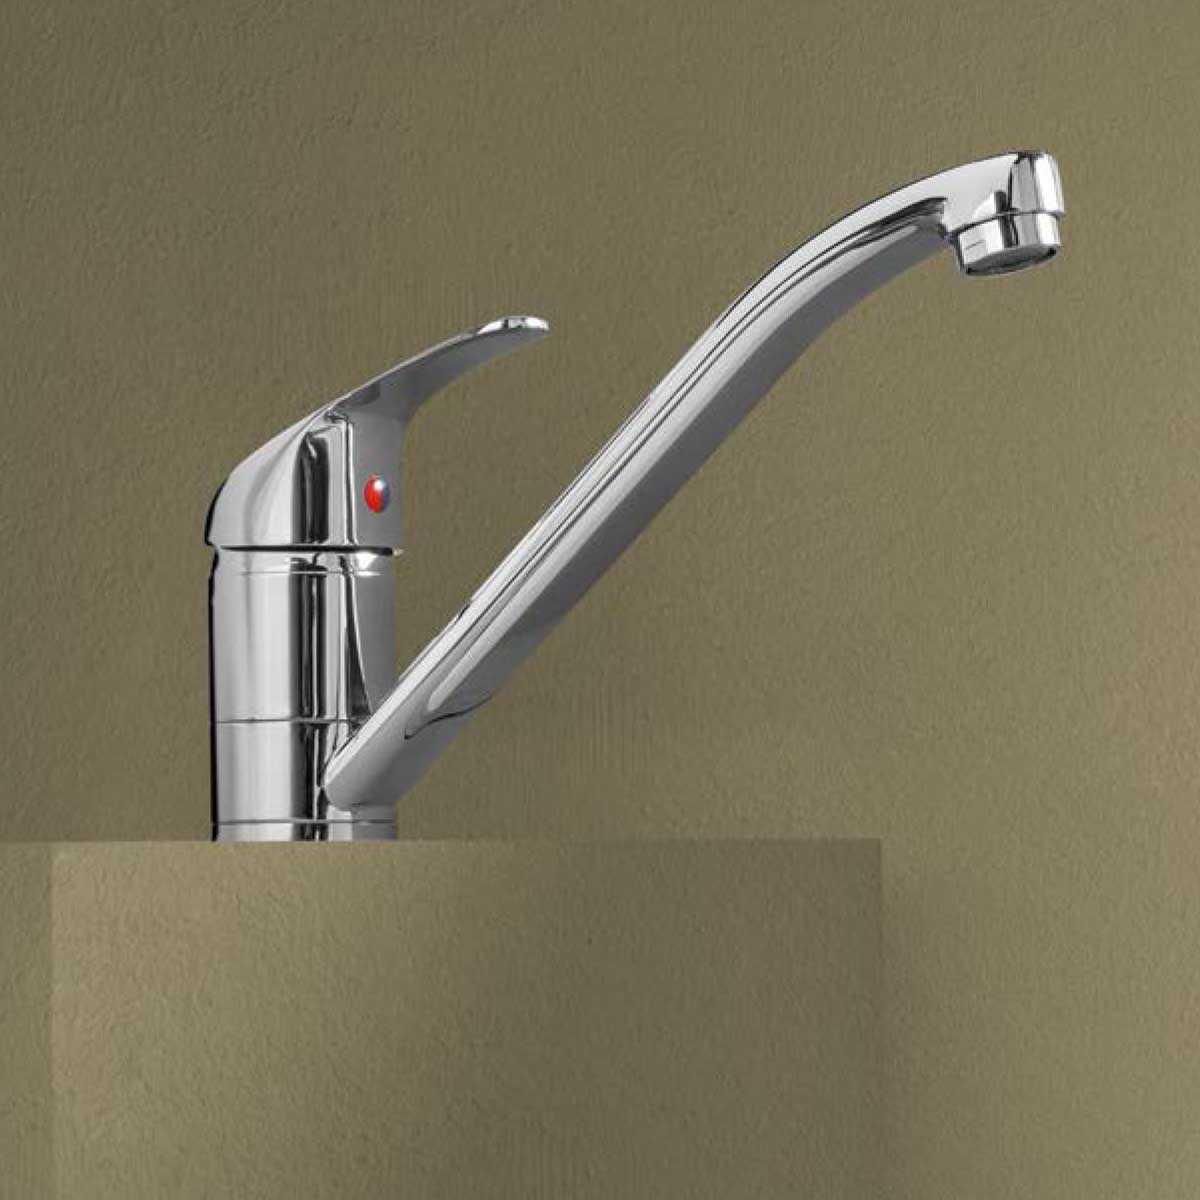 Miscelatore monocomando per lavello in ottone cromato serie Eco con bocca alta girevole